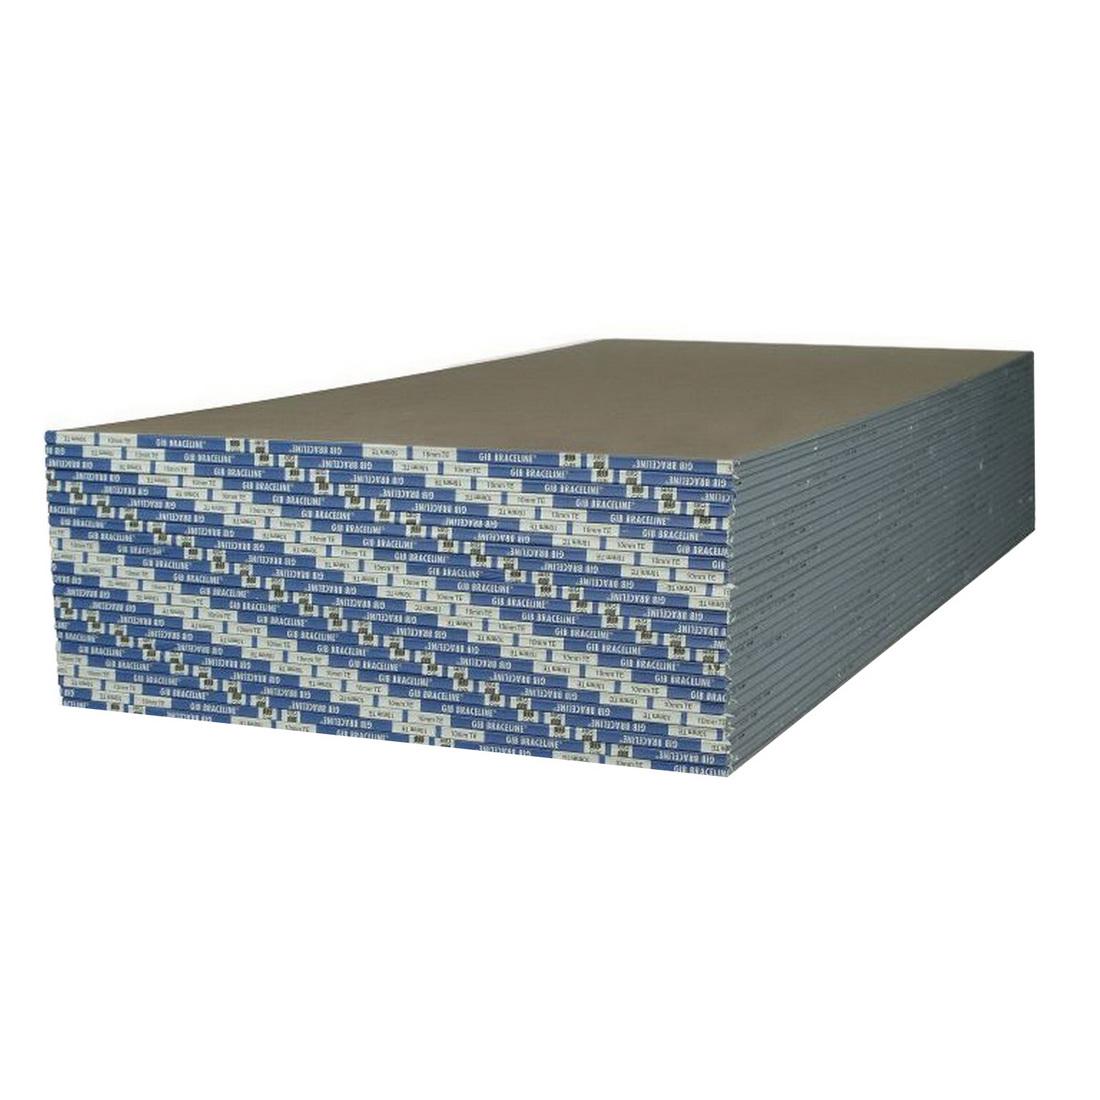 Braceline Noiseline Plasterboard 3000 x 1200 x 10mm 15056